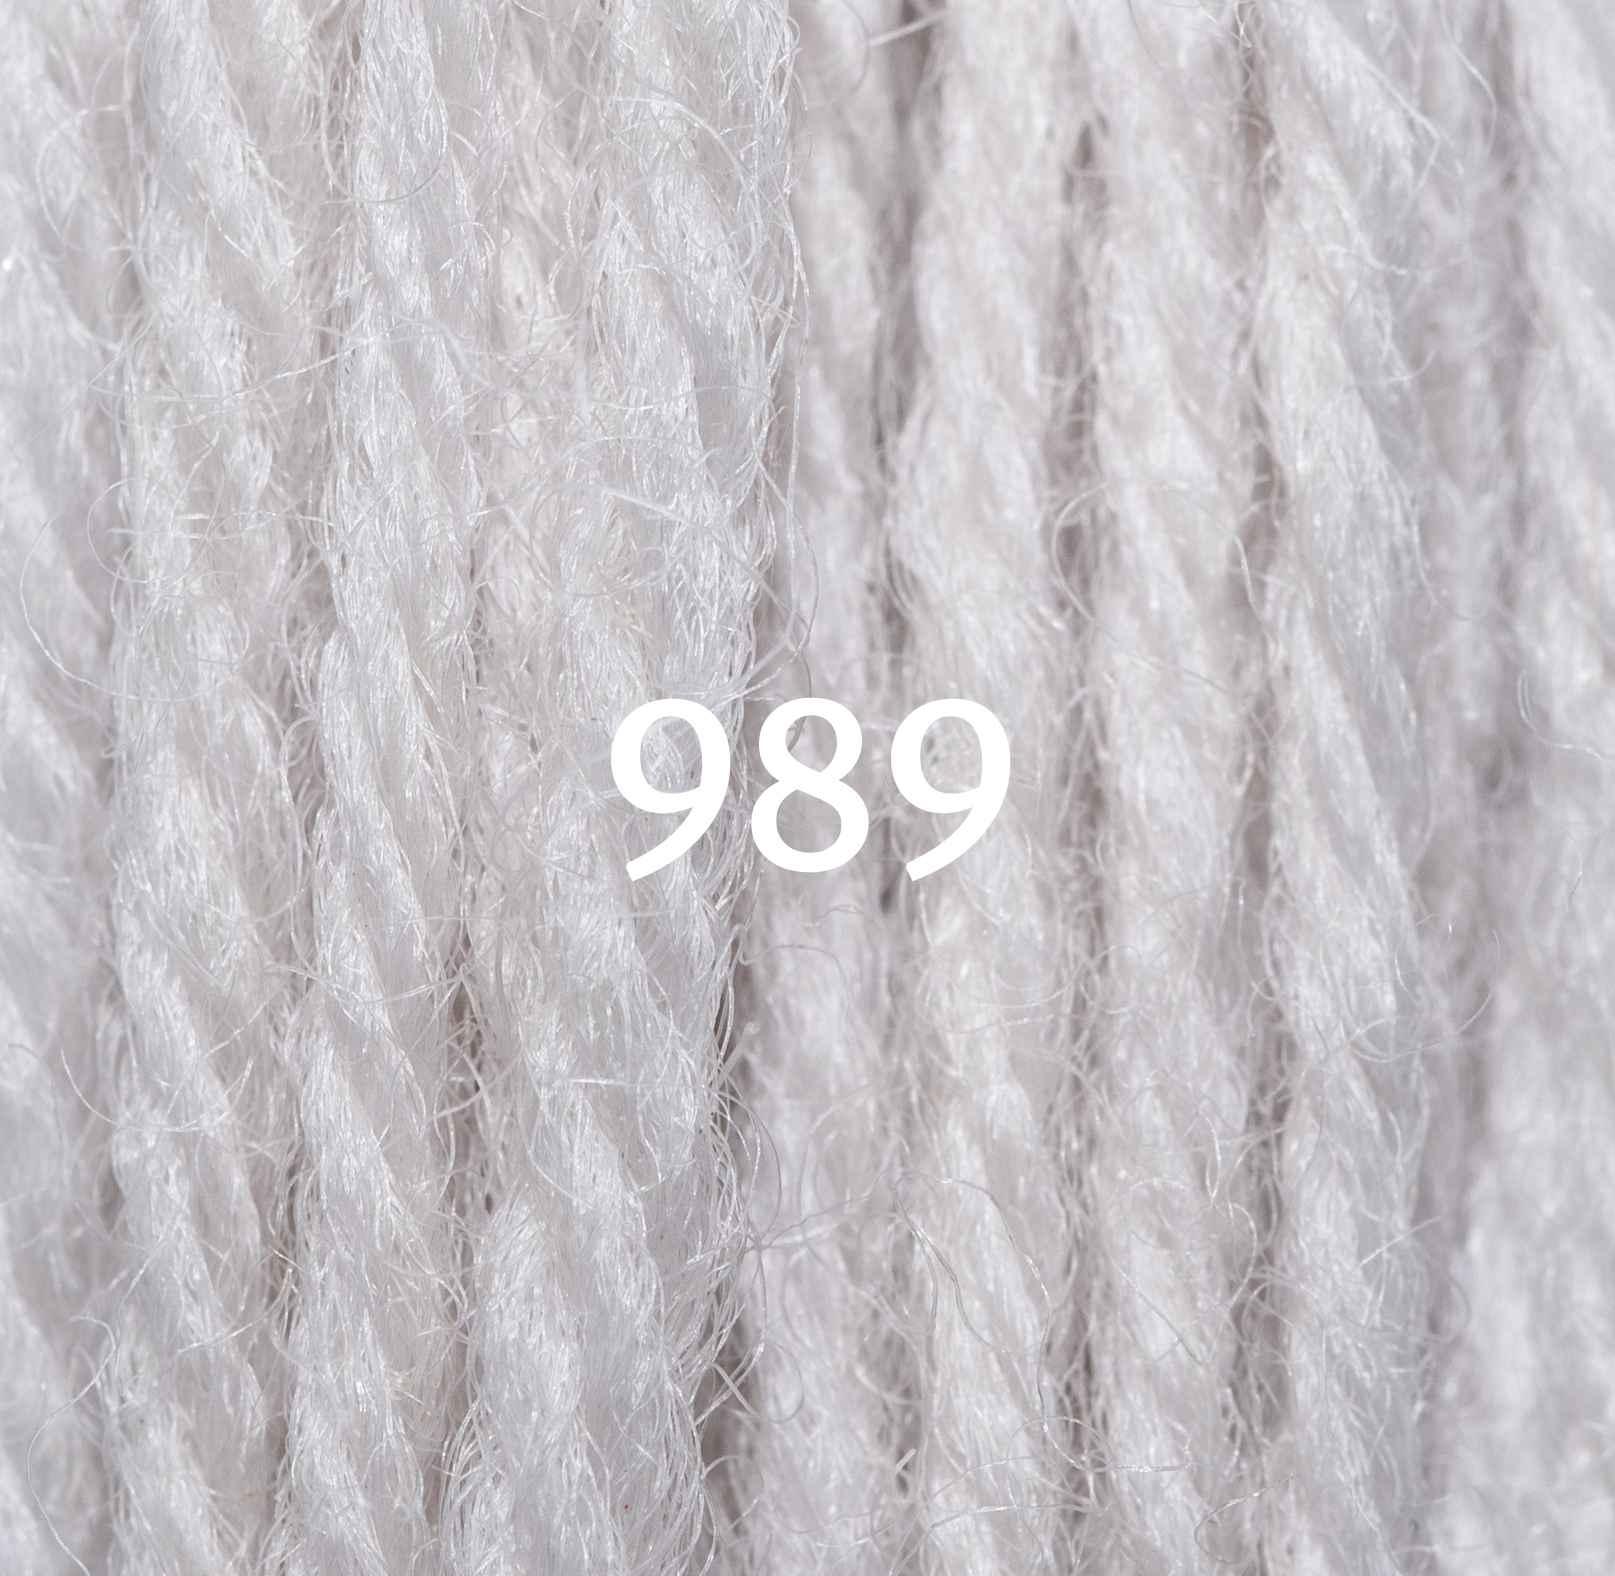 Putty-Groundings-989